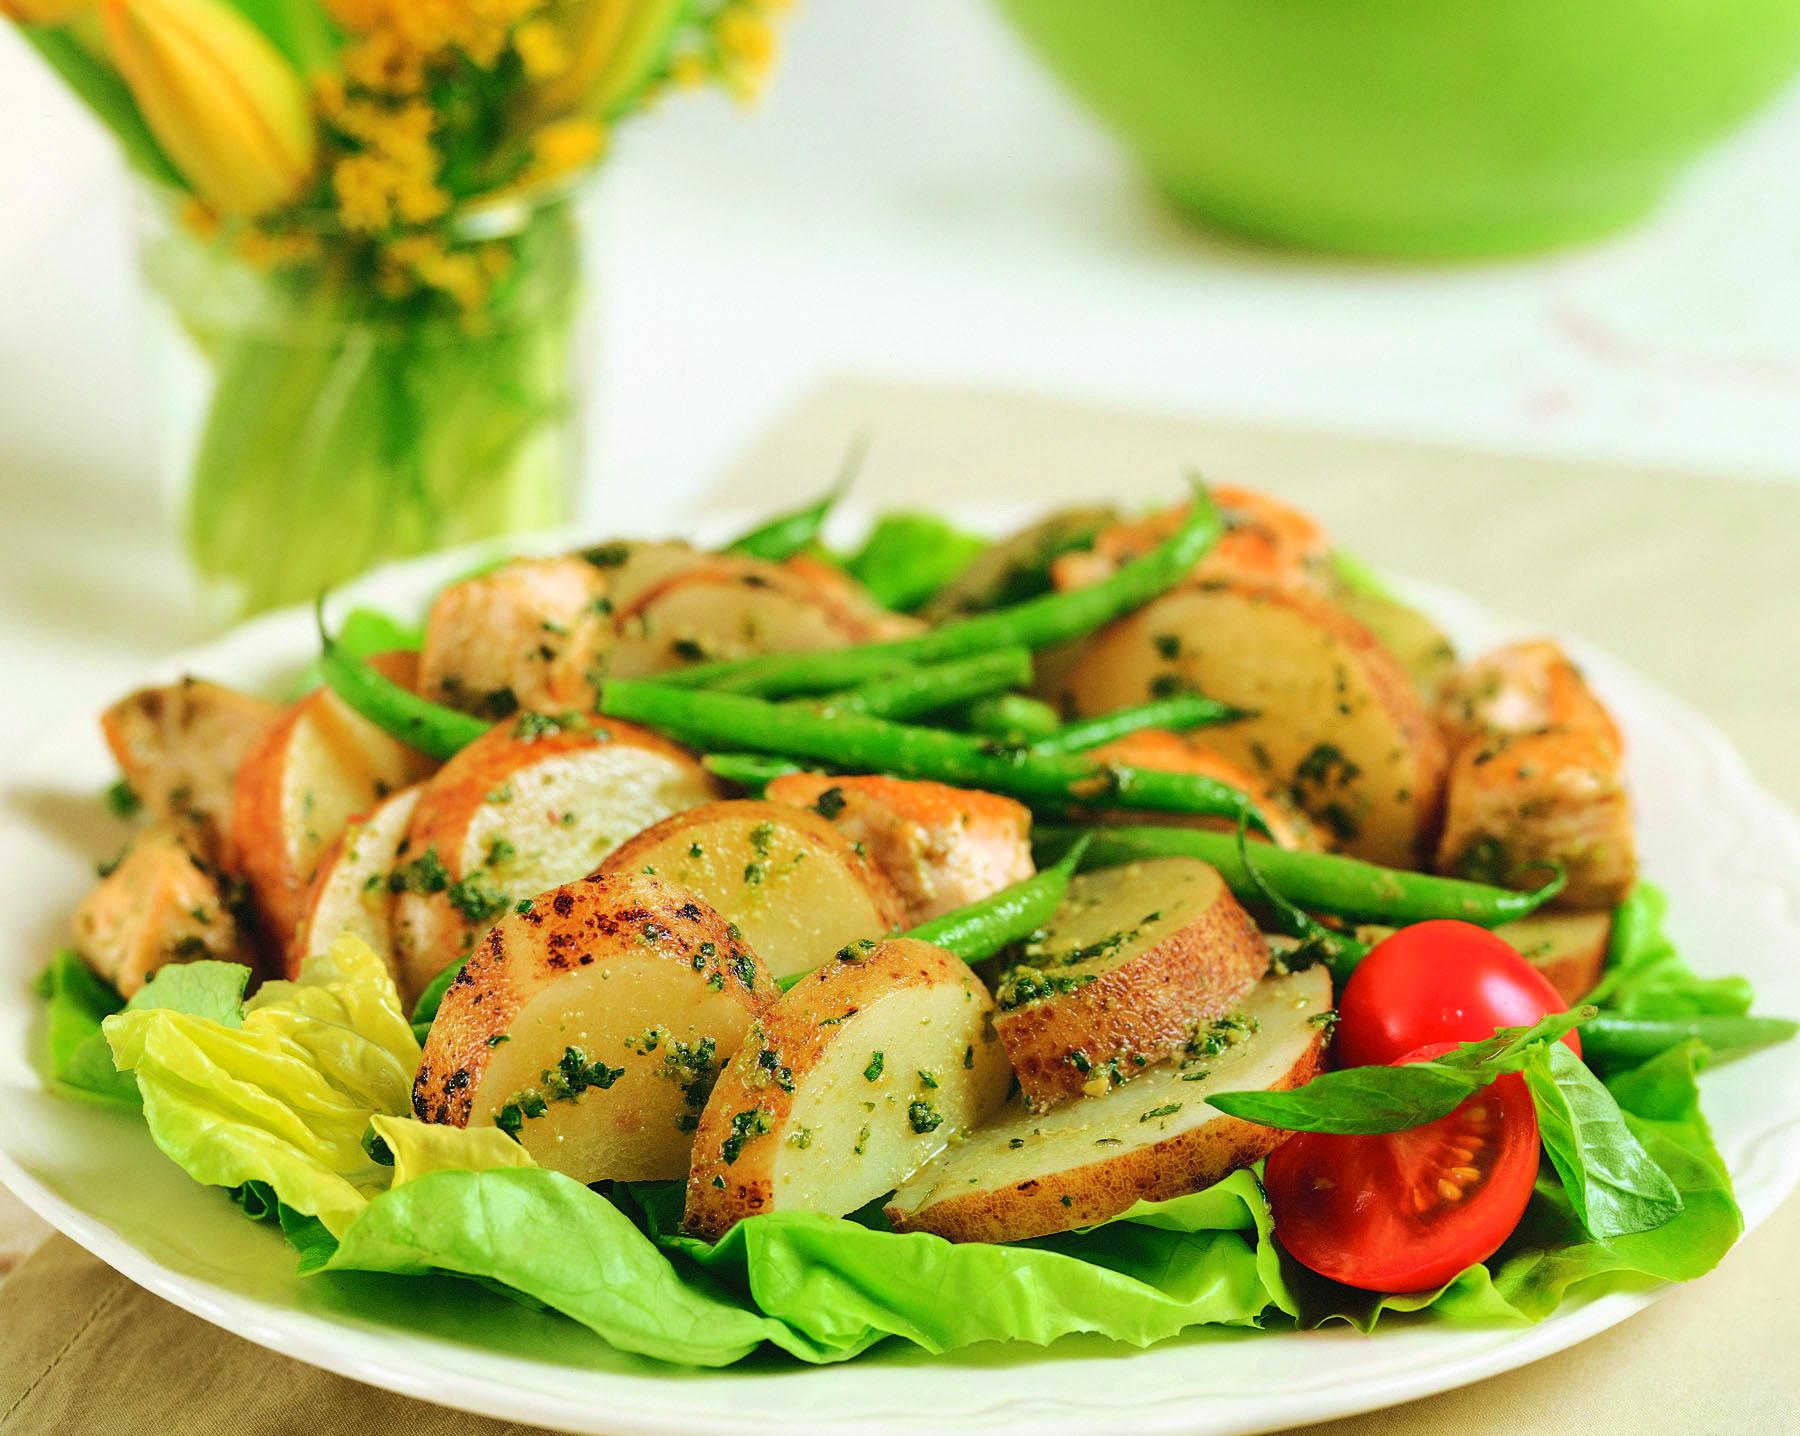 Ensalada de papas y pollo al pesto